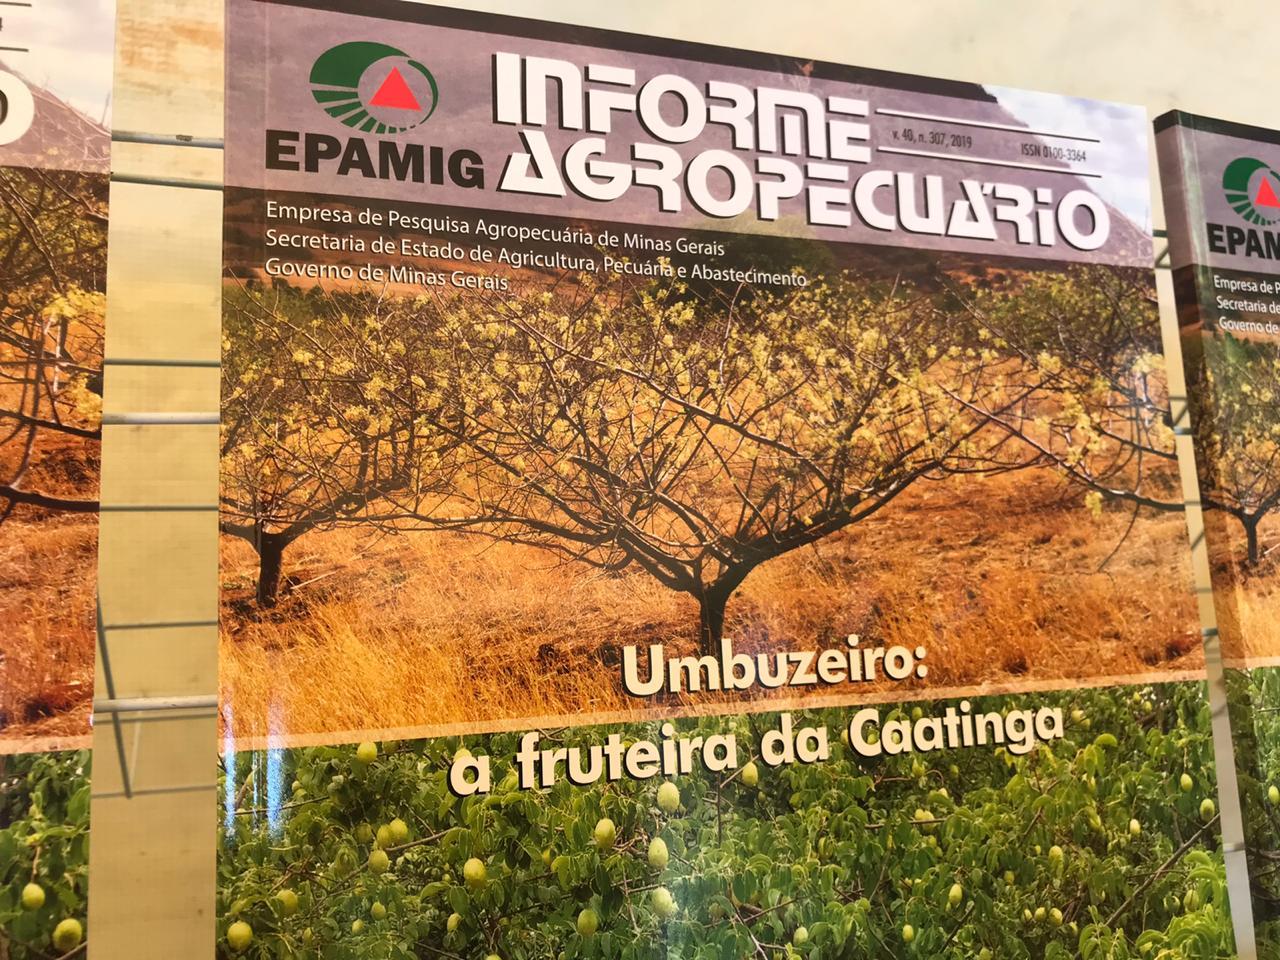 IF Baiano e Epamig lançam informe agropecuário sobre o cultivo do umbuzeiro